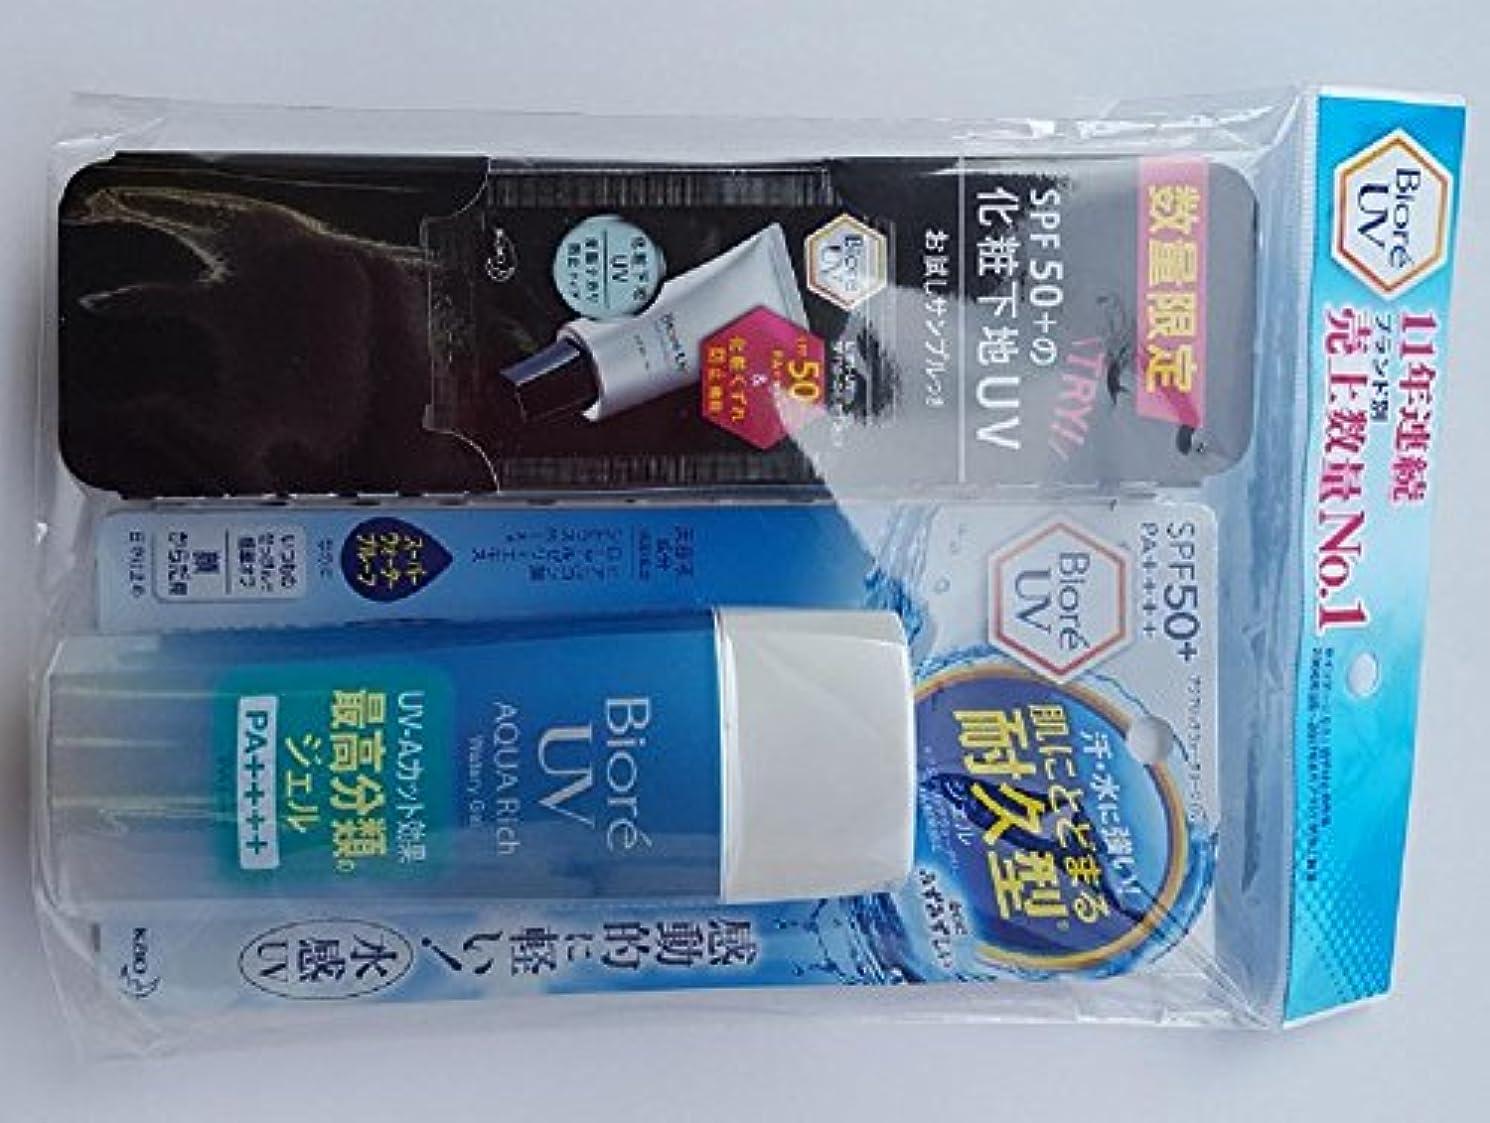 計器最大の通知ビオレ UV アクアリッチ ウォータリージェル SPF50+/PA++++ 90ml+ビオレ UV 化粧下地UV 皮脂テカリ防止(試供品)1回分付き